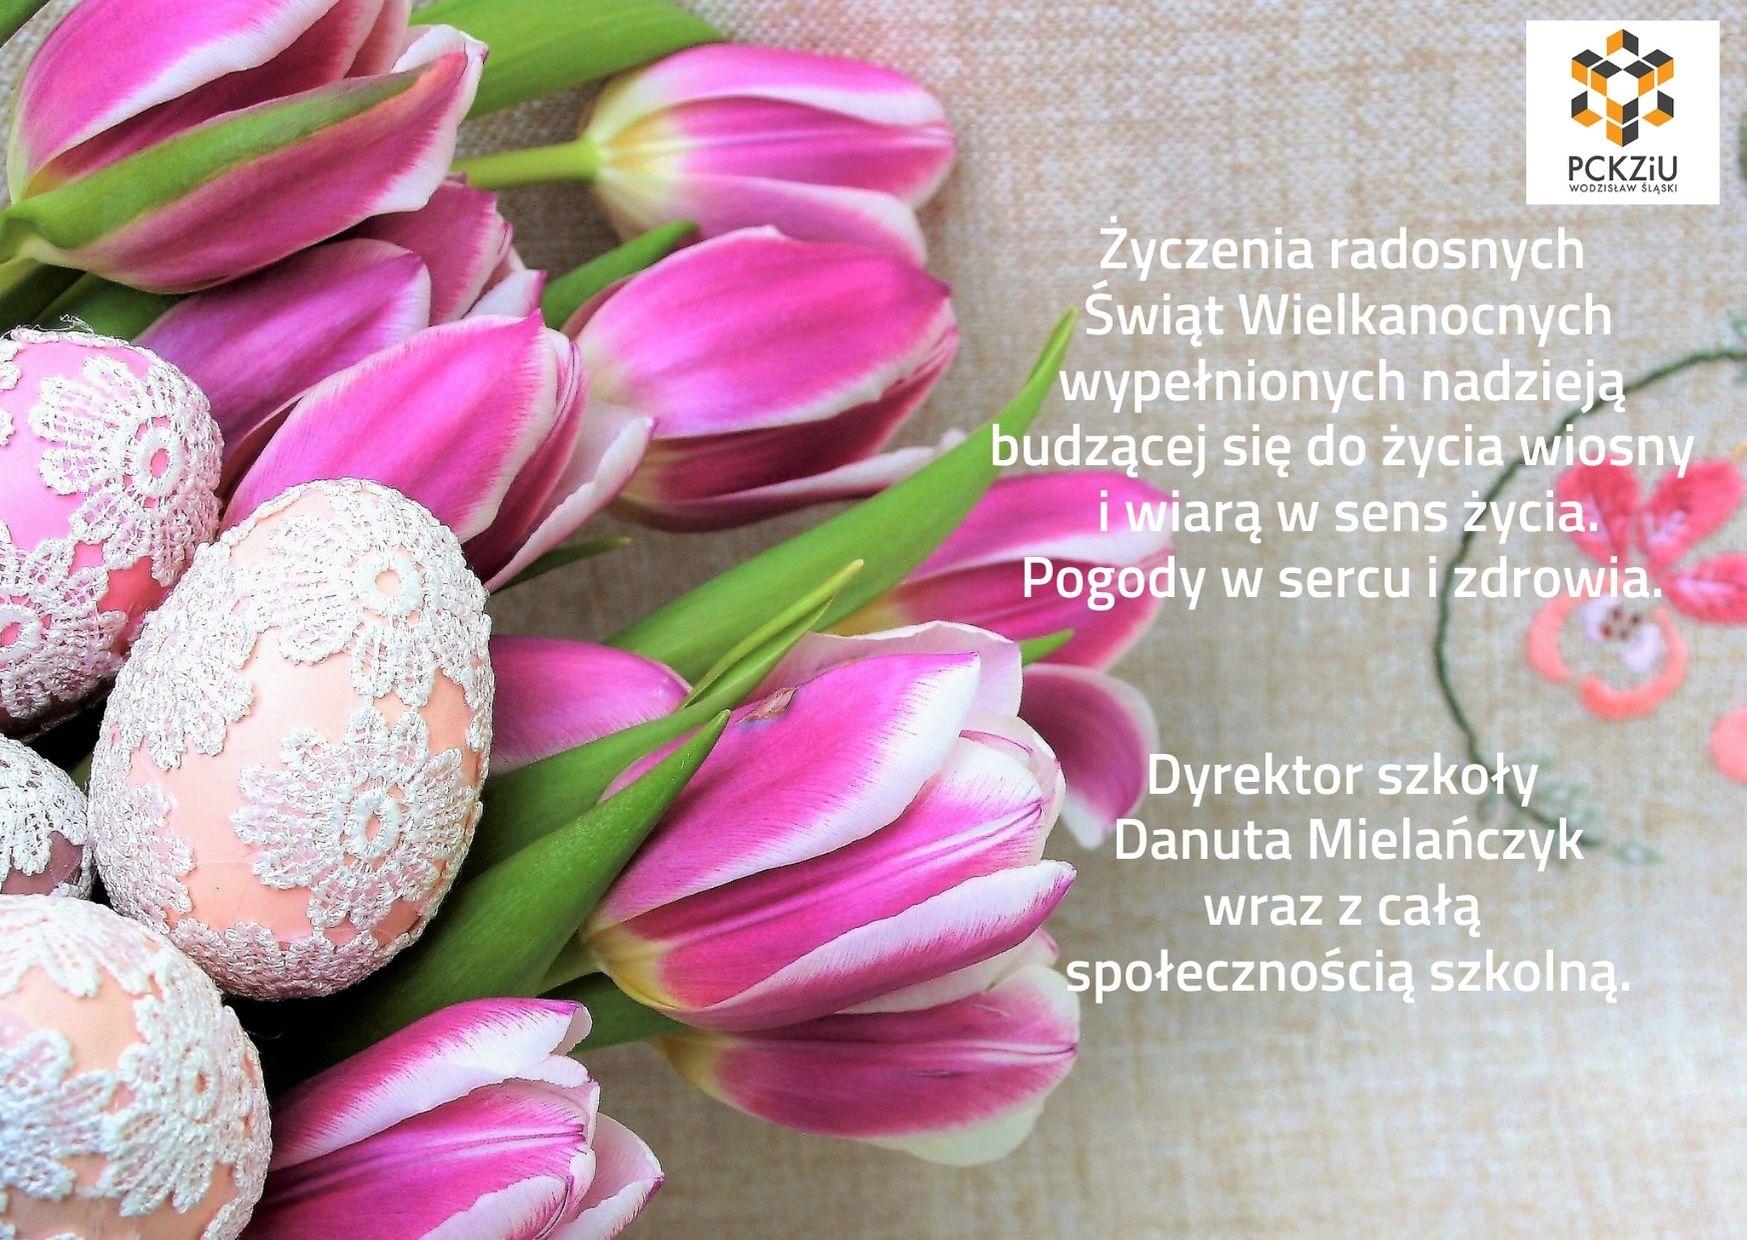 Obraz graficzny przedstawiający kwiaty (tulipany) i nakrapiane jaja. Jako tło do następujących życzeń: Życzenia radosnych Świąt Wielkanocnych wypełnionych nadzieją budzącej się do życia wiosny i wiarą w sens życia. Pogody w sercu i zdrowia. Dyrektor szkoły Danuta Mielańczyk wraz z całą społecznością szkolną